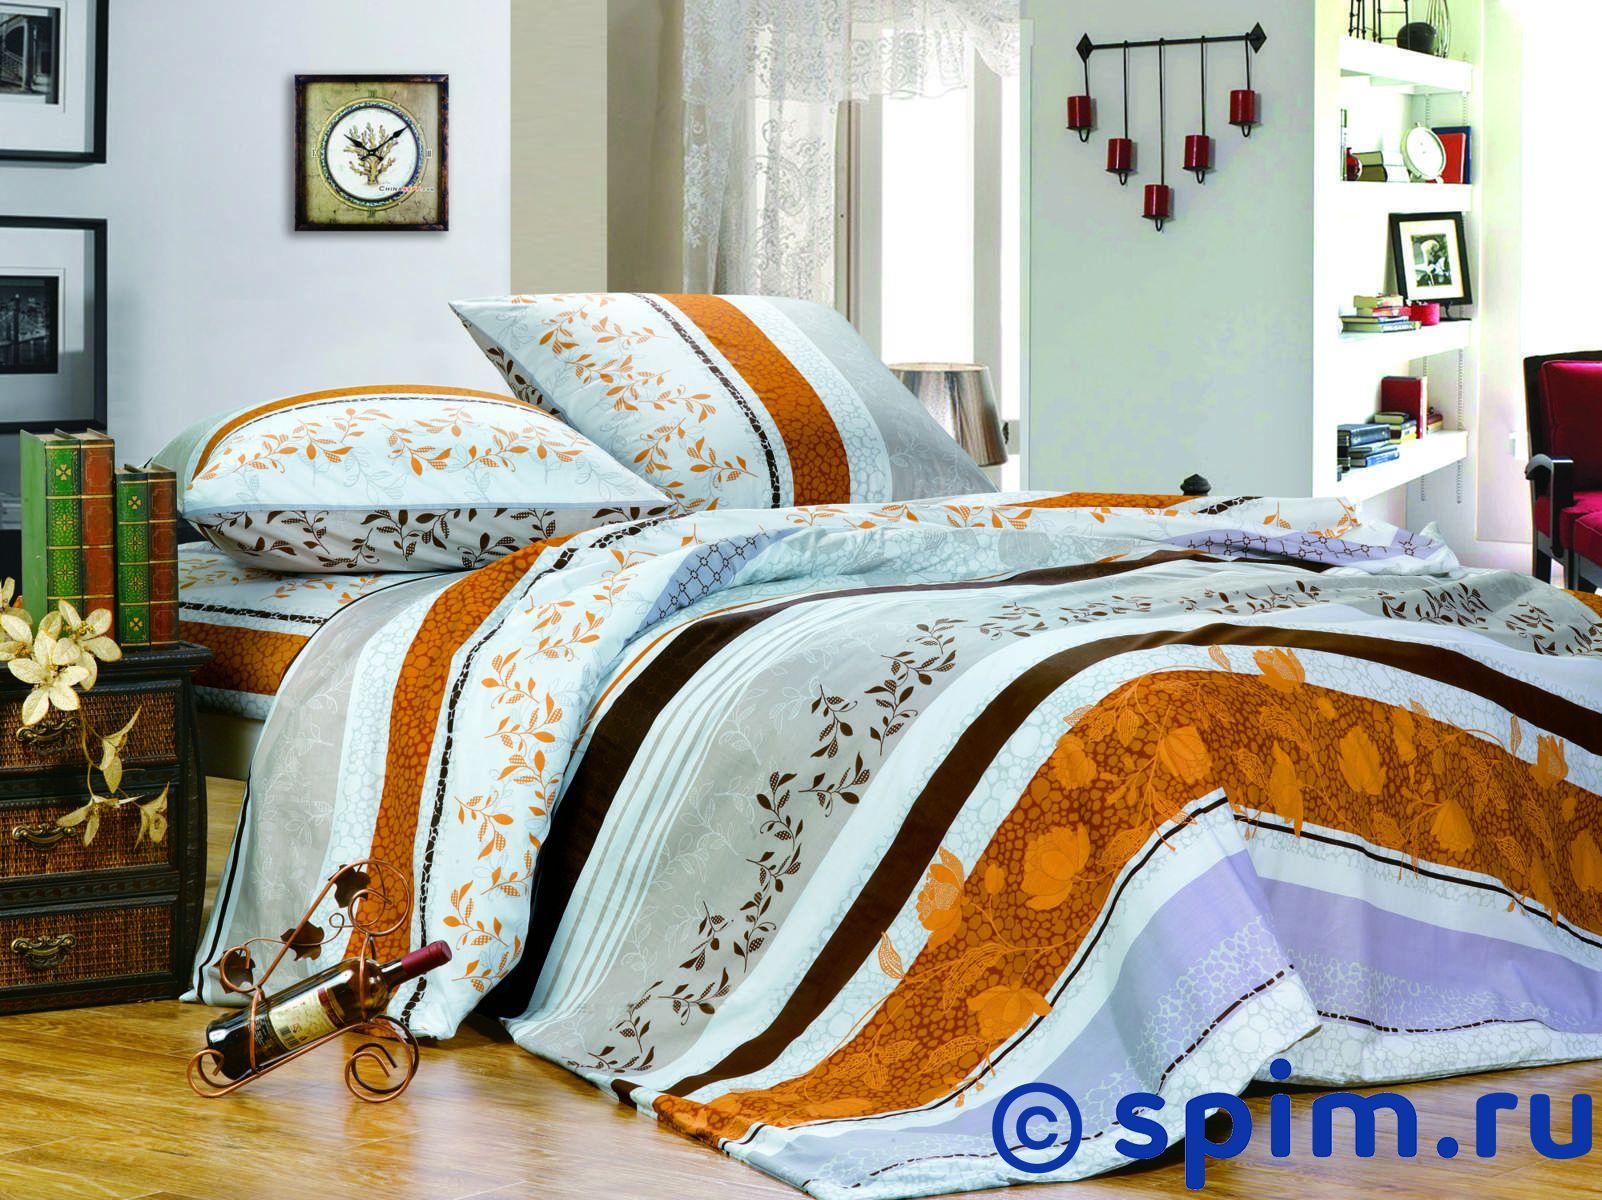 Комплект СайлиД А109 2 спальноеПостельное белье СайлиД<br>Материал: 100% хлопок (поплин). Плотность, г/м2: 125. Размер : 2 спальное<br><br>Размер: 2 спальное